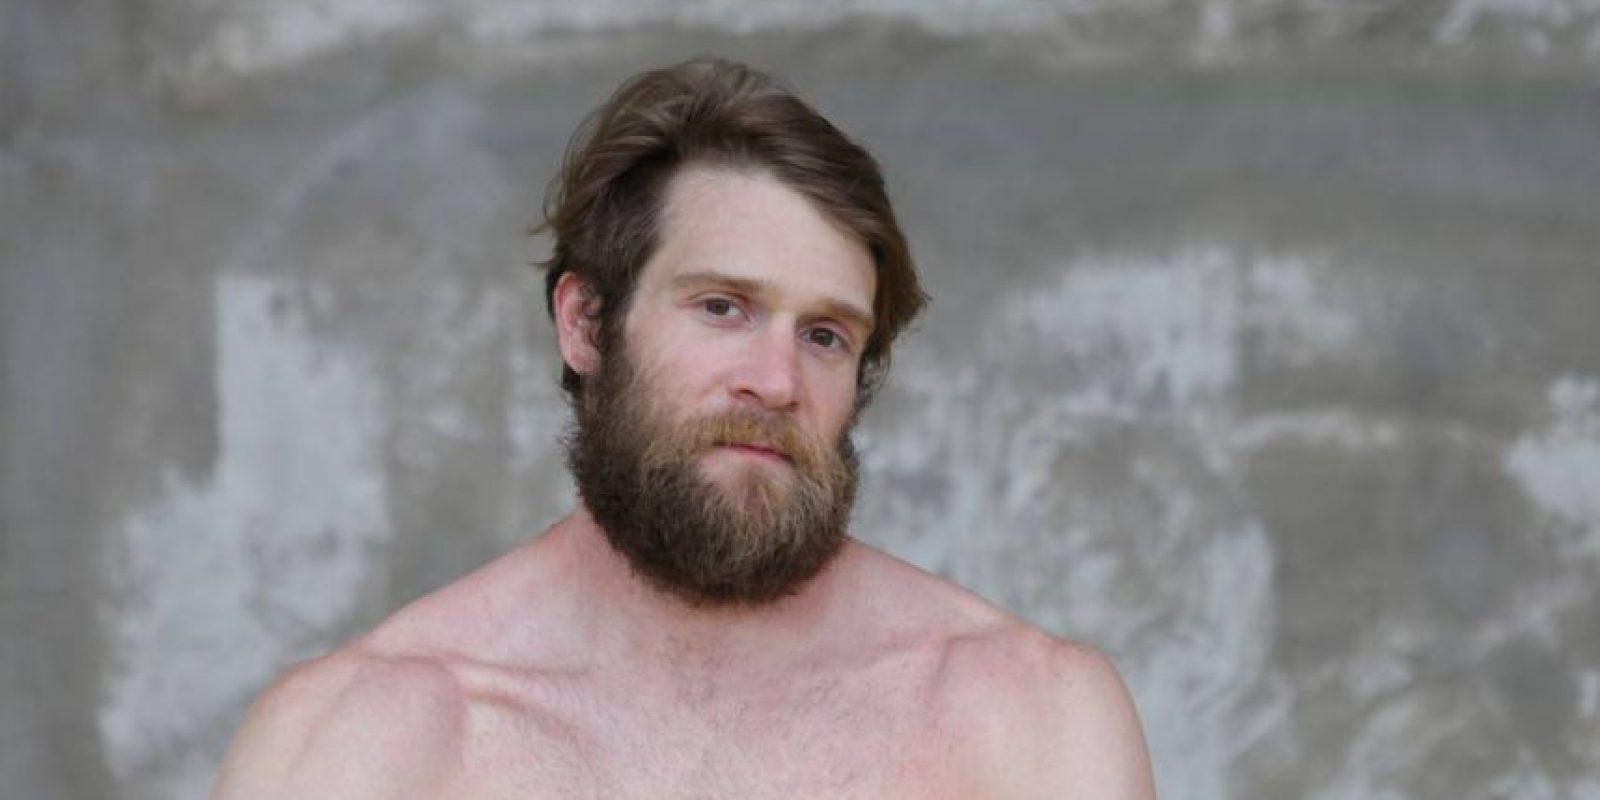 Quiere grabarse teniendo sexo con sus fans Foto:Facebook/Colby Keller